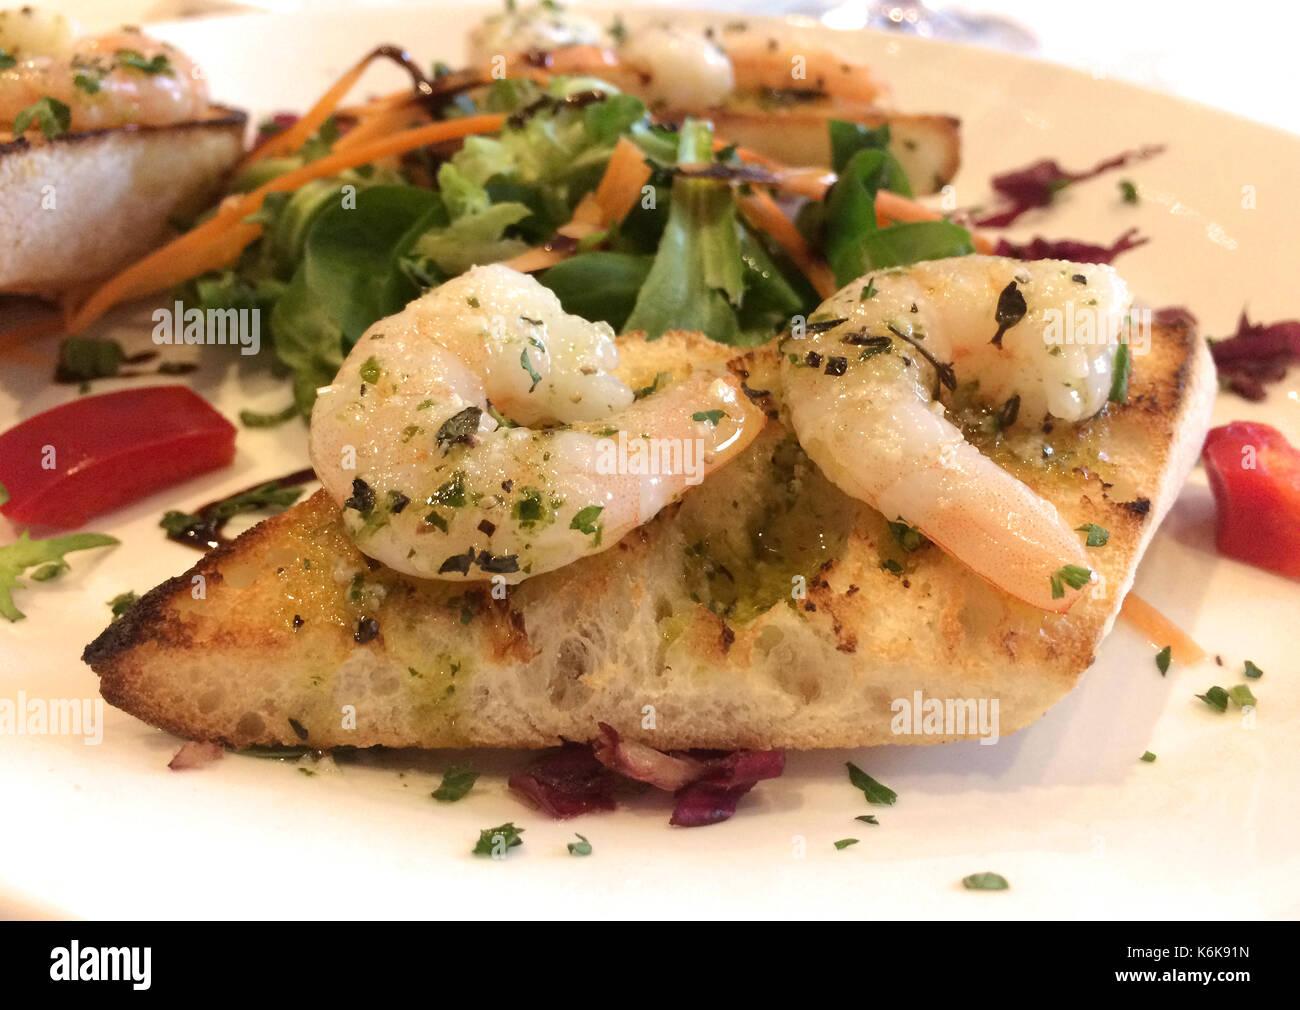 Démarreur bruschetta italienne - con gamberetti - crevettes géantes marinées à l'ail, basilic et huile d'olive sur du pain grillé Photo Stock